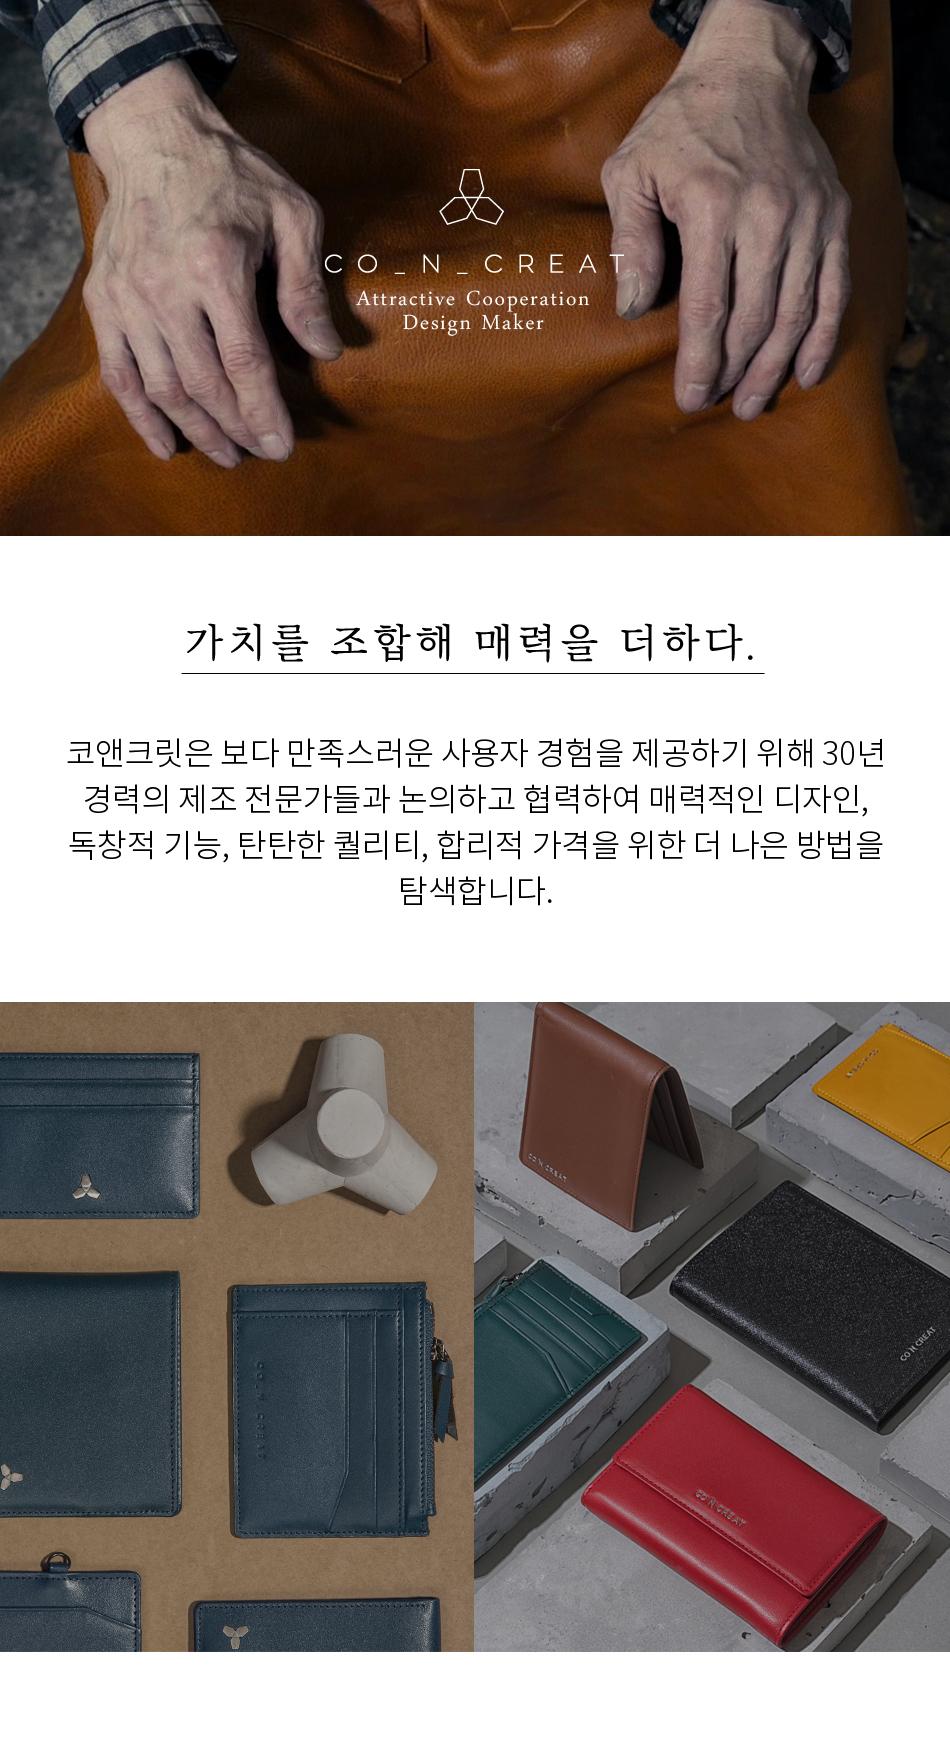 [코앤크릿] 17WTZ0210C03NV 트리포드 지퍼 여성 반지갑 네이비